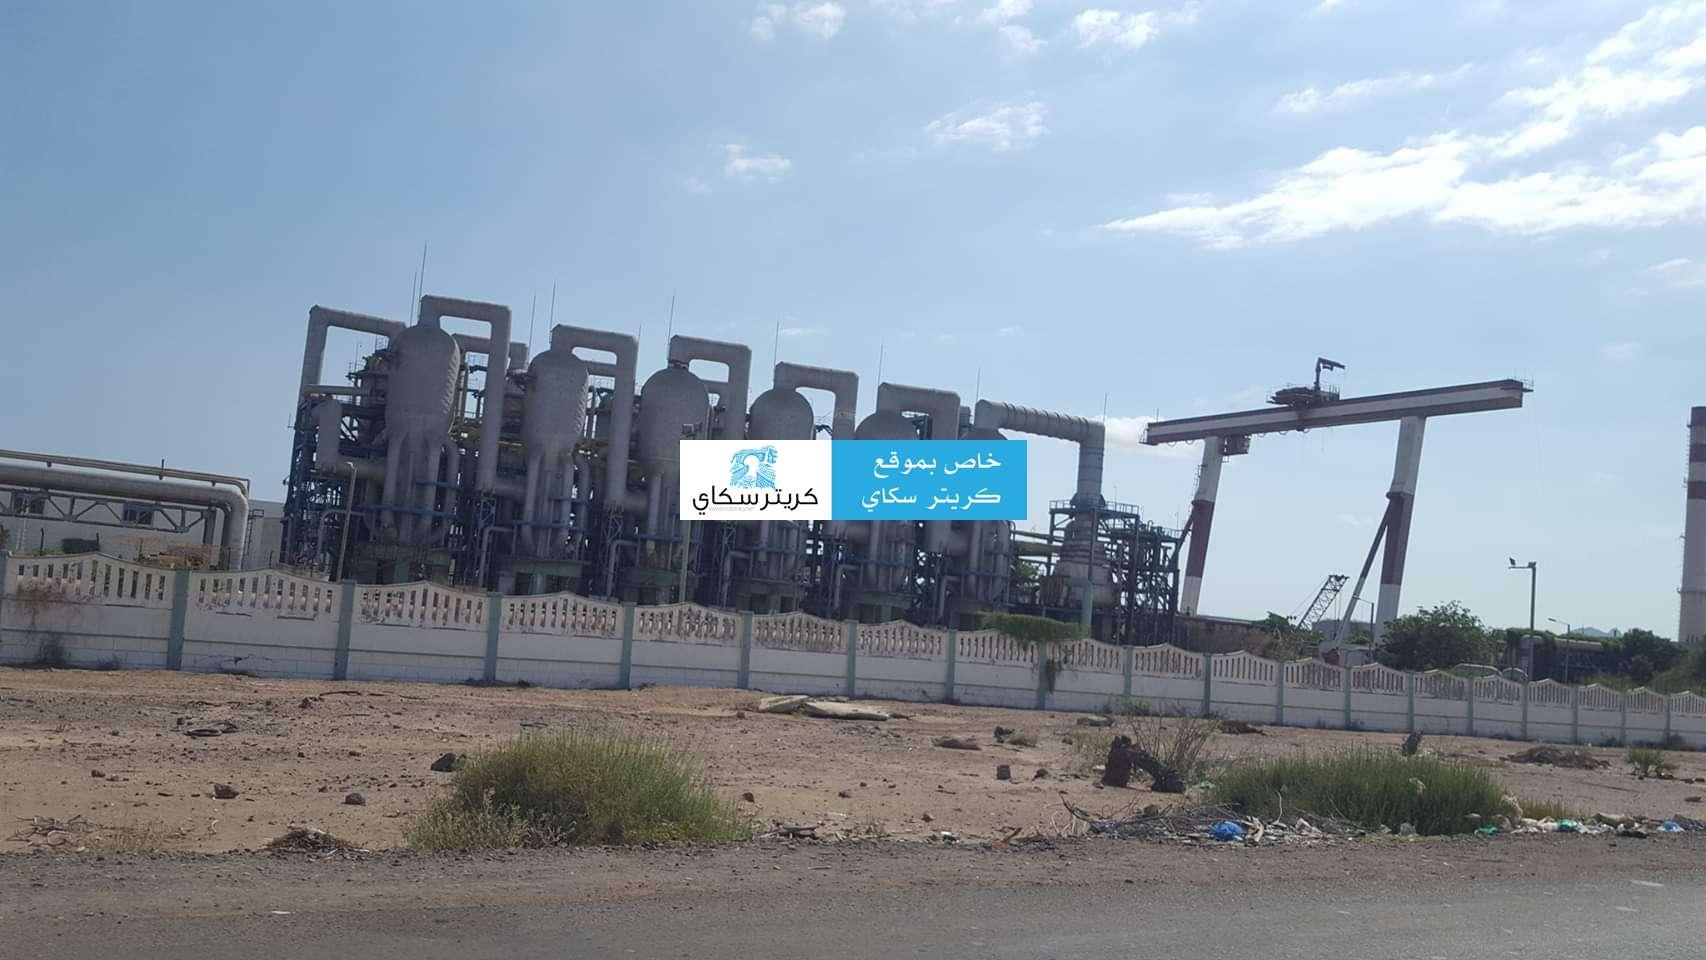 مصدر  يحدد لكريتر سكاي شروط بقاء توليد محطة الحسوة مرتفعاً في عدن